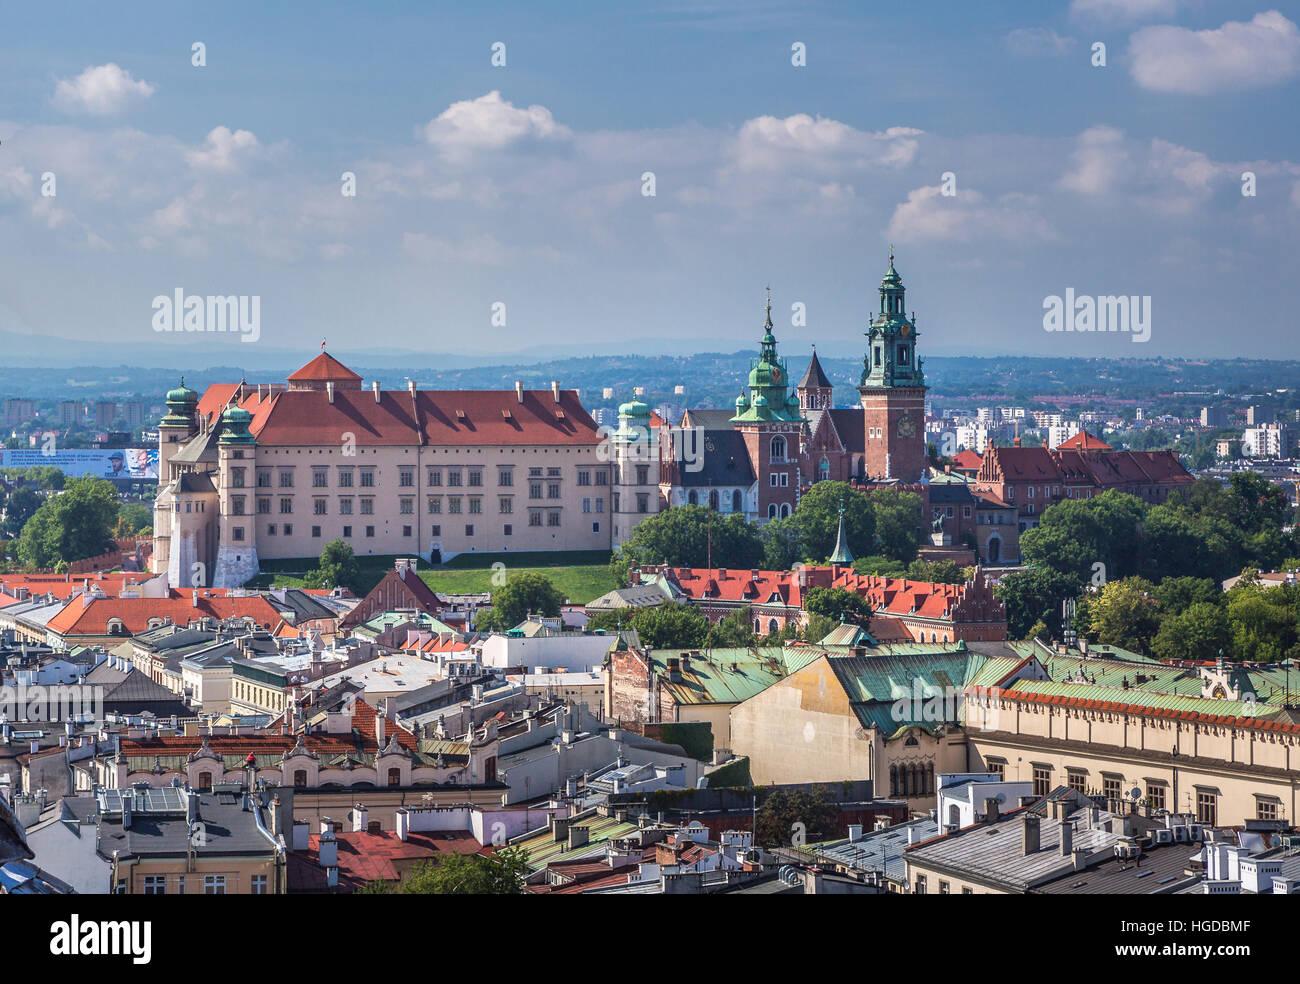 Wawel Royal Castle in Krakow - Stock Image